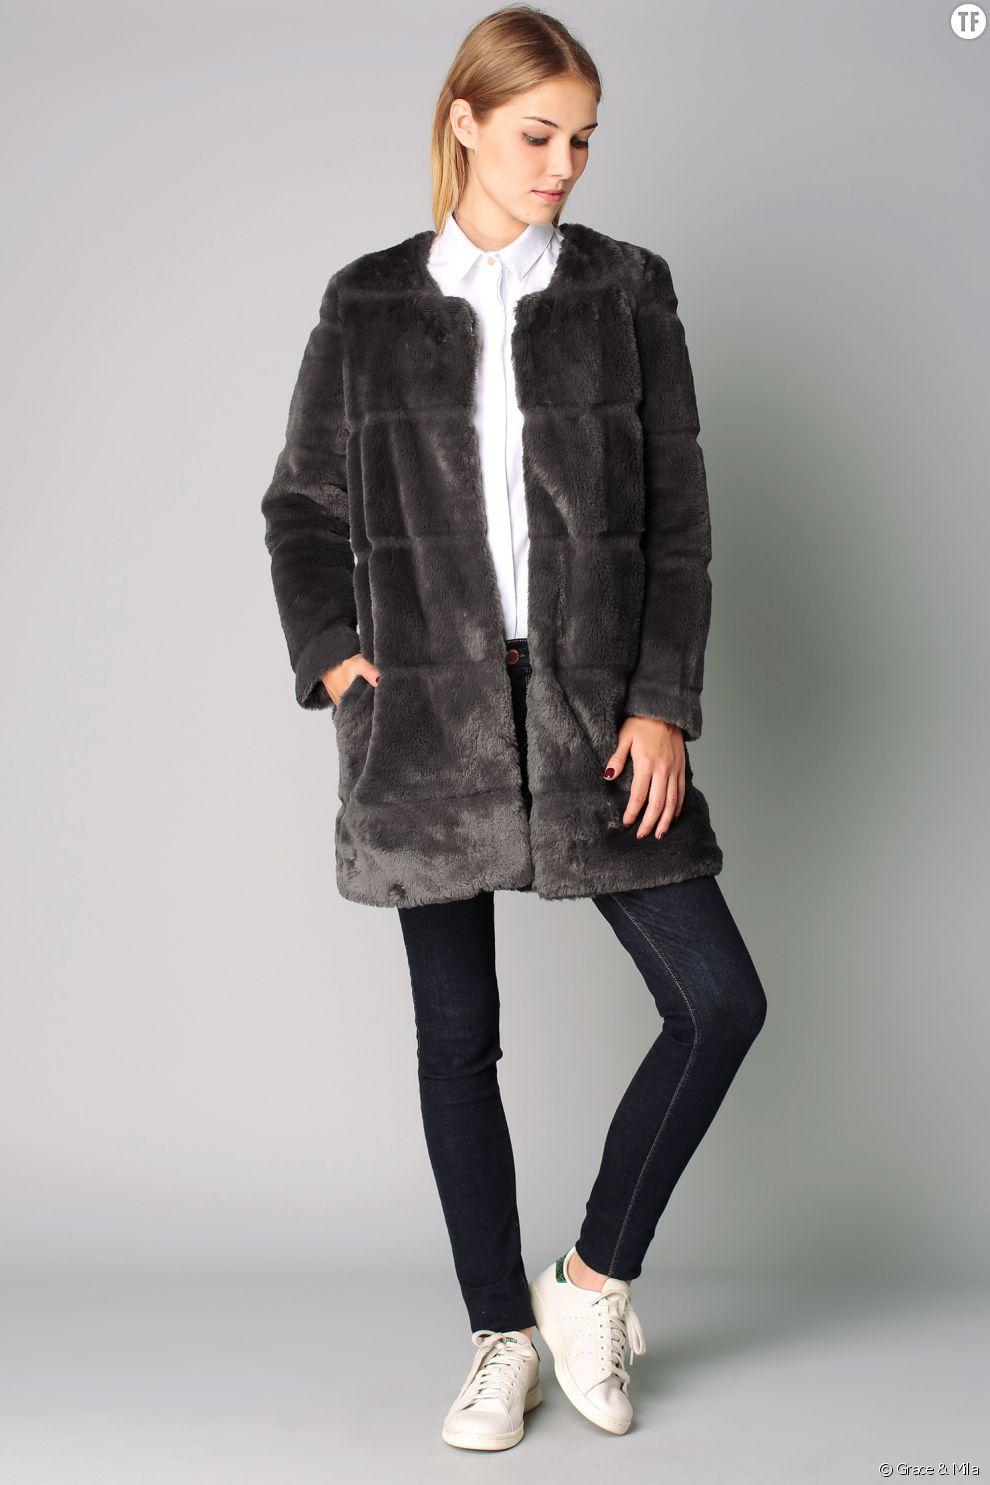 Manteau gris en fausse fourrure Grace & Mila 74,50 euros